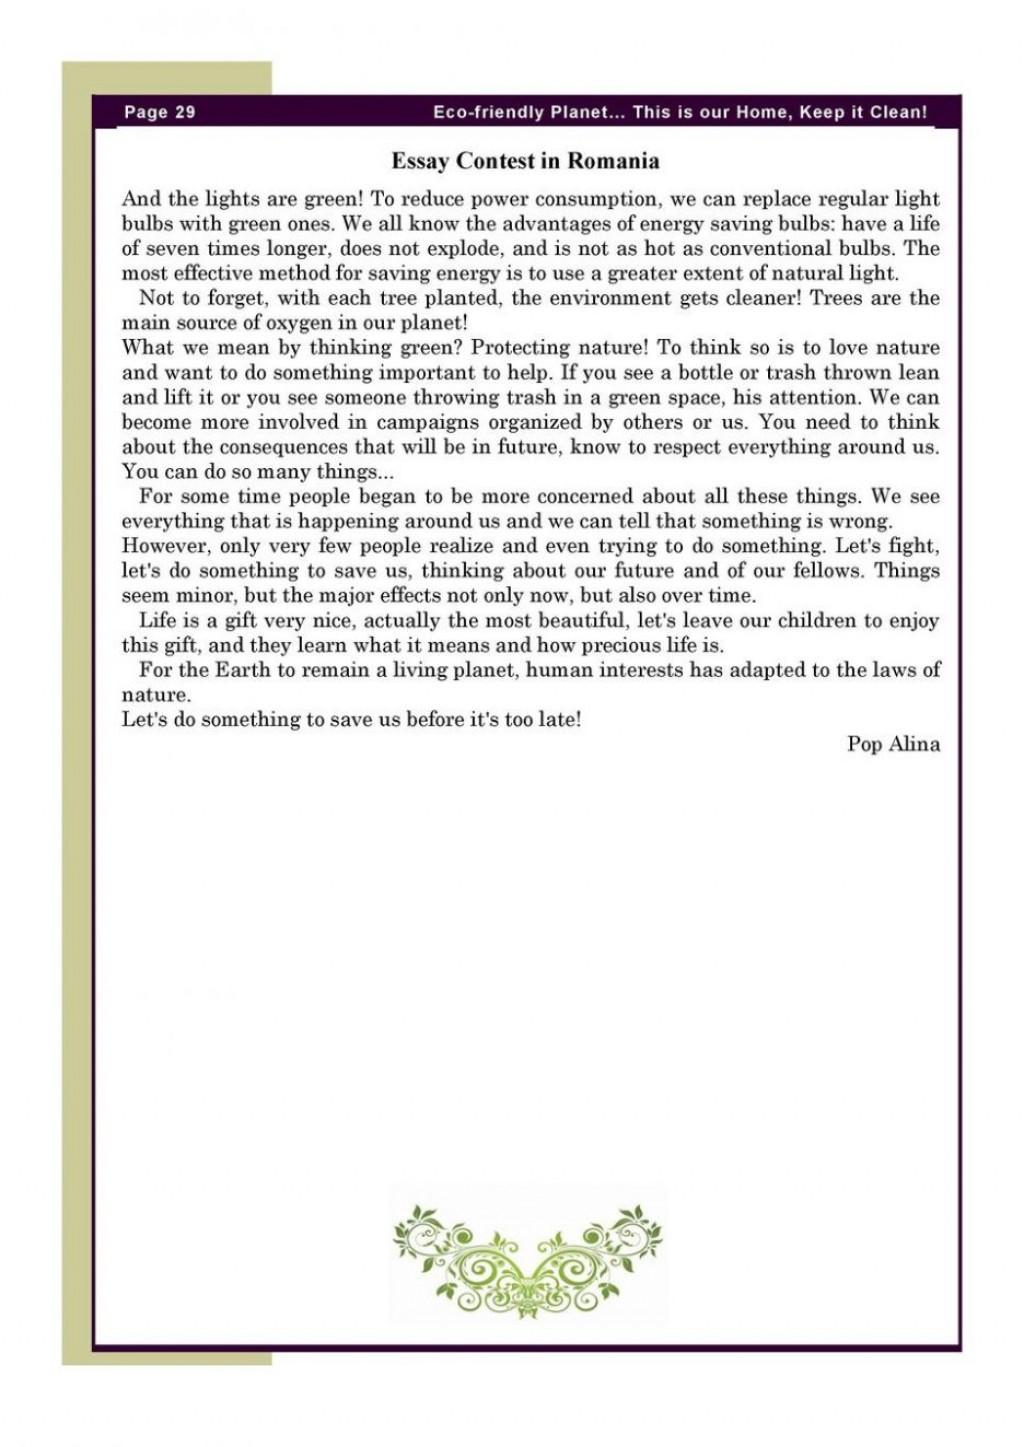 028 Green Earth Essay Jvpo Save Water In Hindi Small On Wikipedia Marathi Language English 936x1323 Awful Life Tamil Gujarati Large